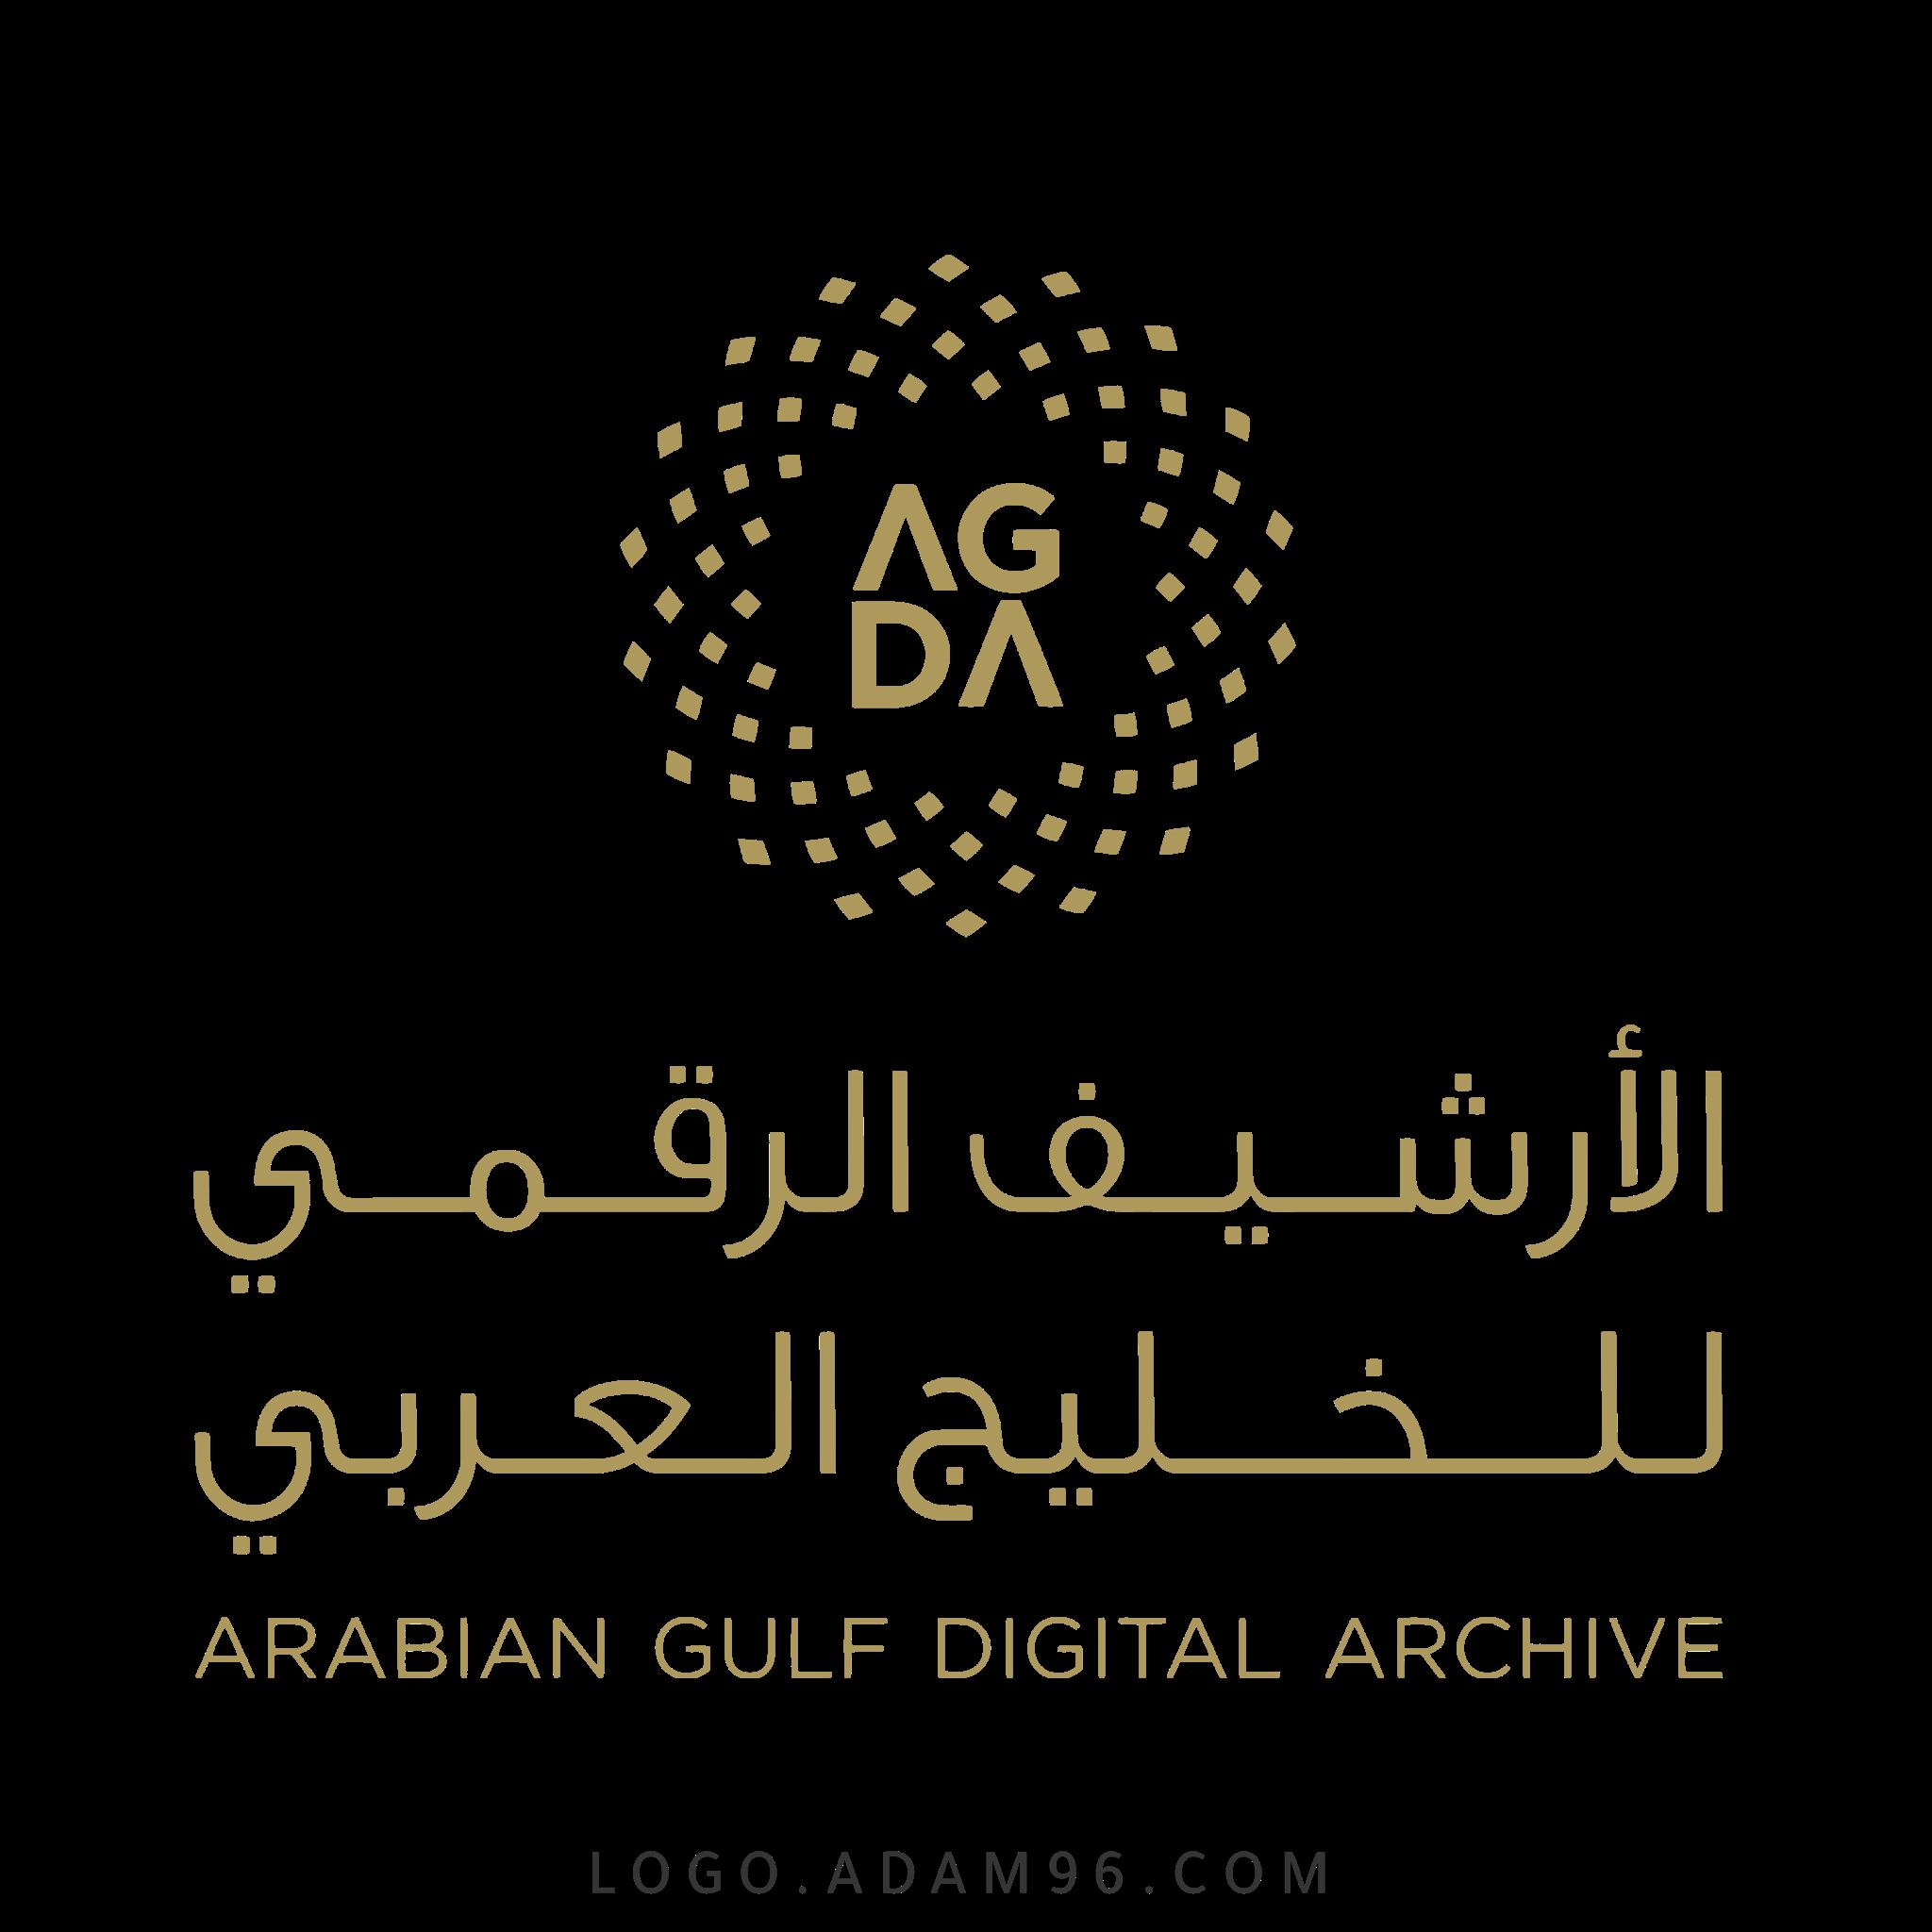 تحميل شعار الأرشيف الرقمي للخليج العربي لوجو رسمي عالي الجودة PNG